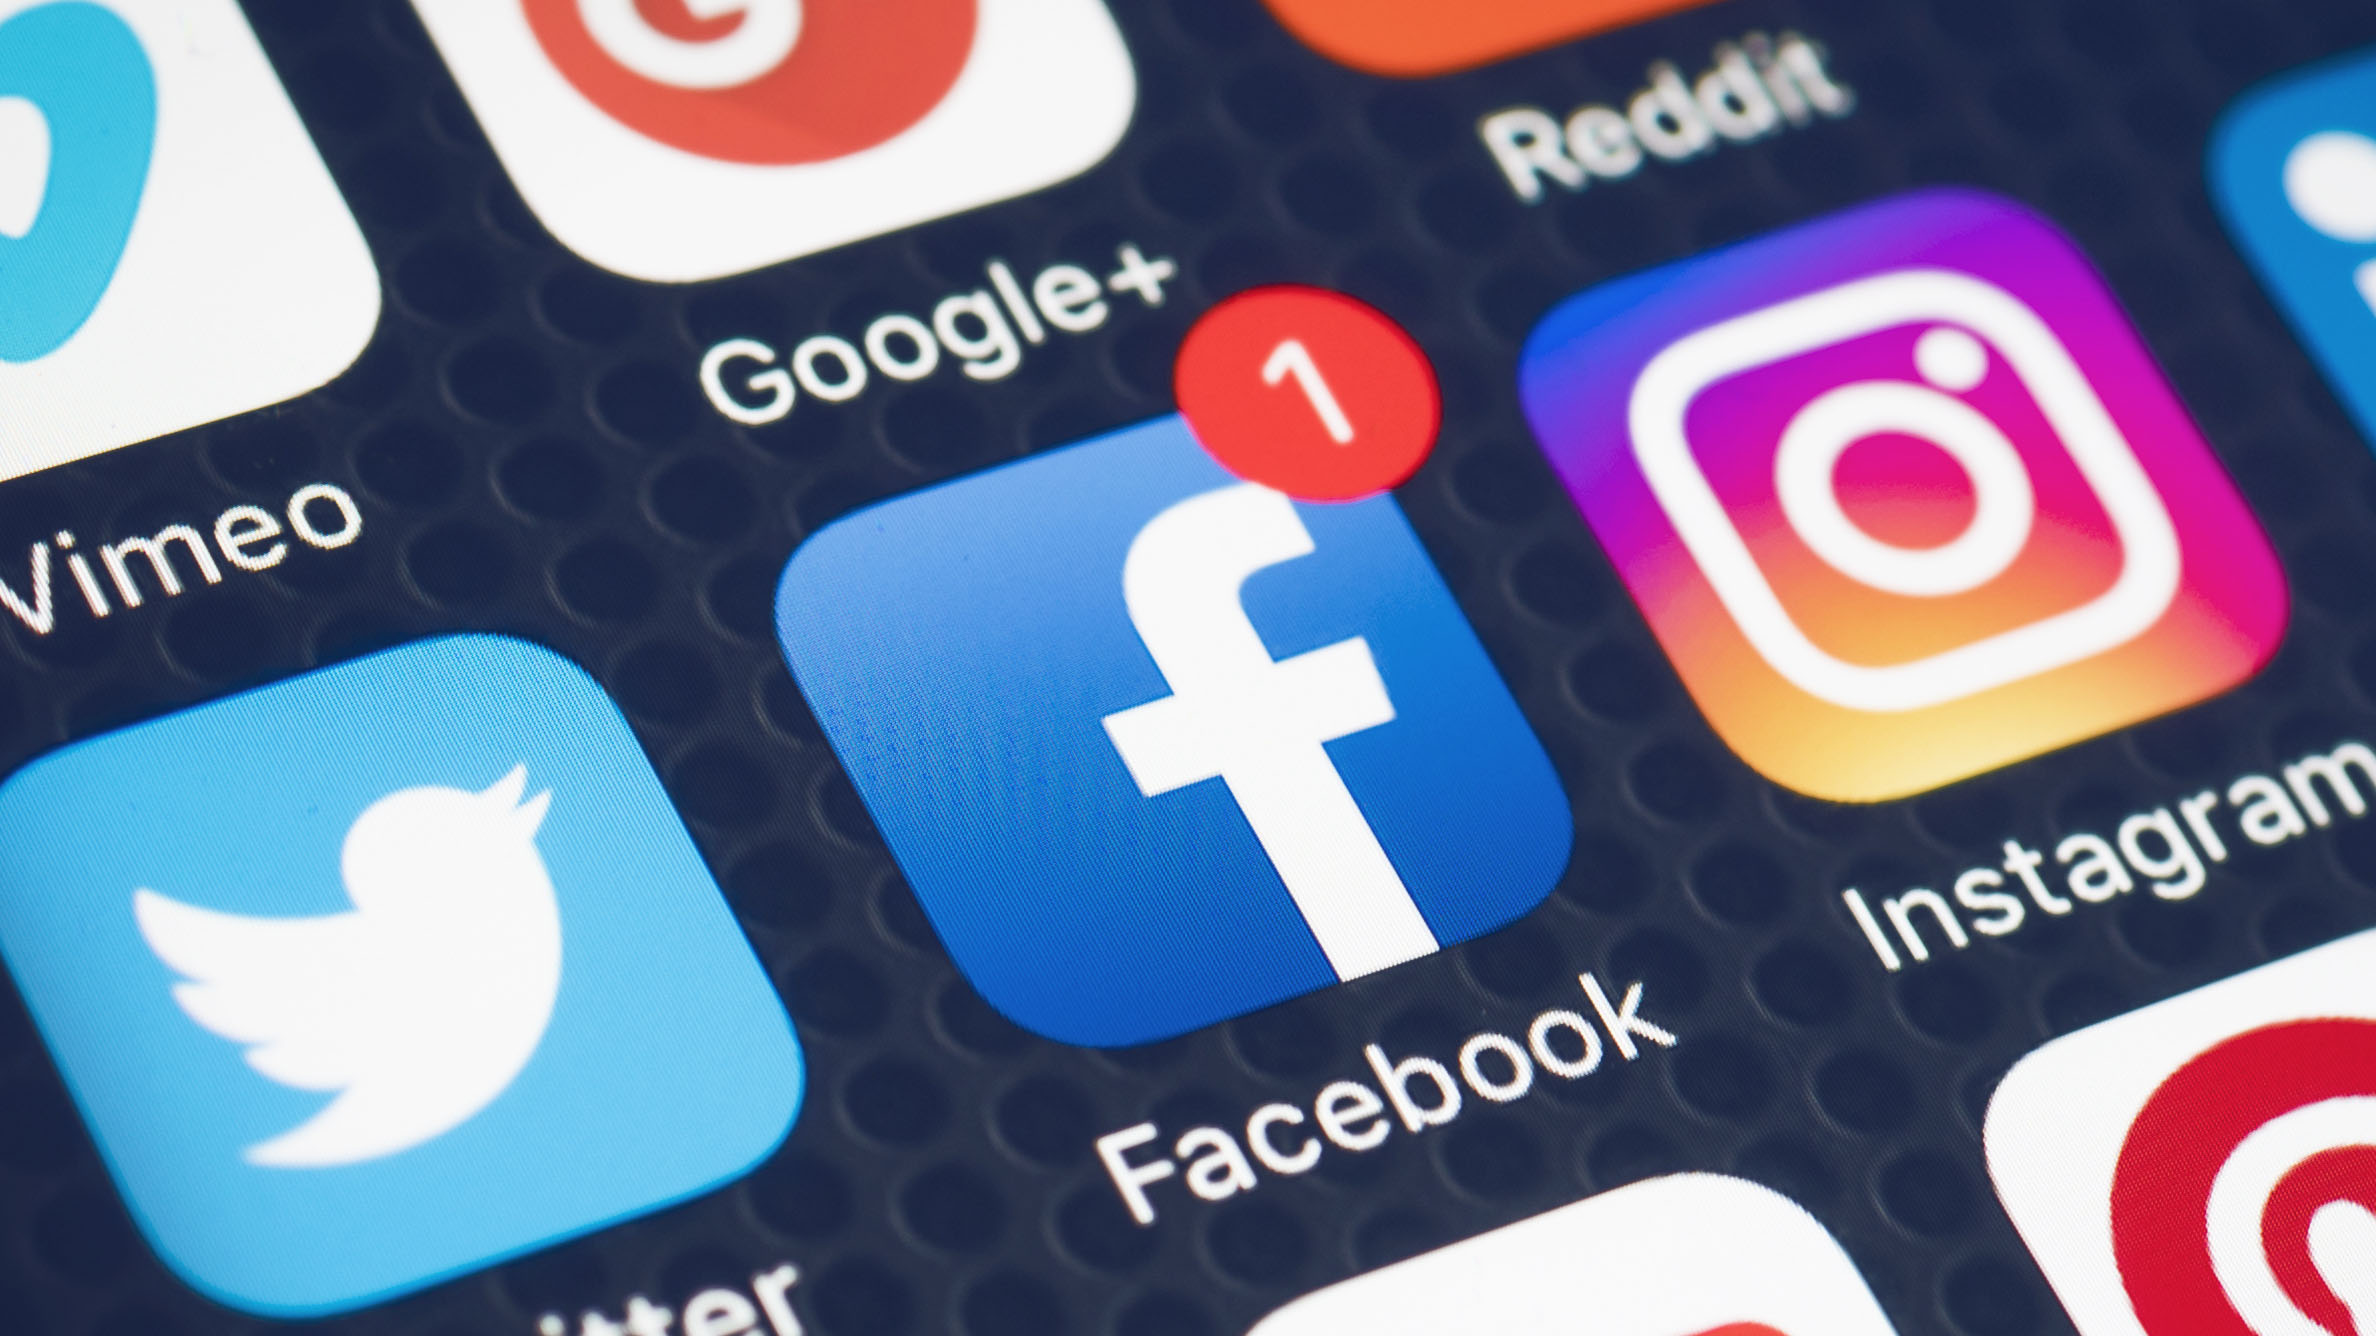 Nuestras cuentas de redes sociales